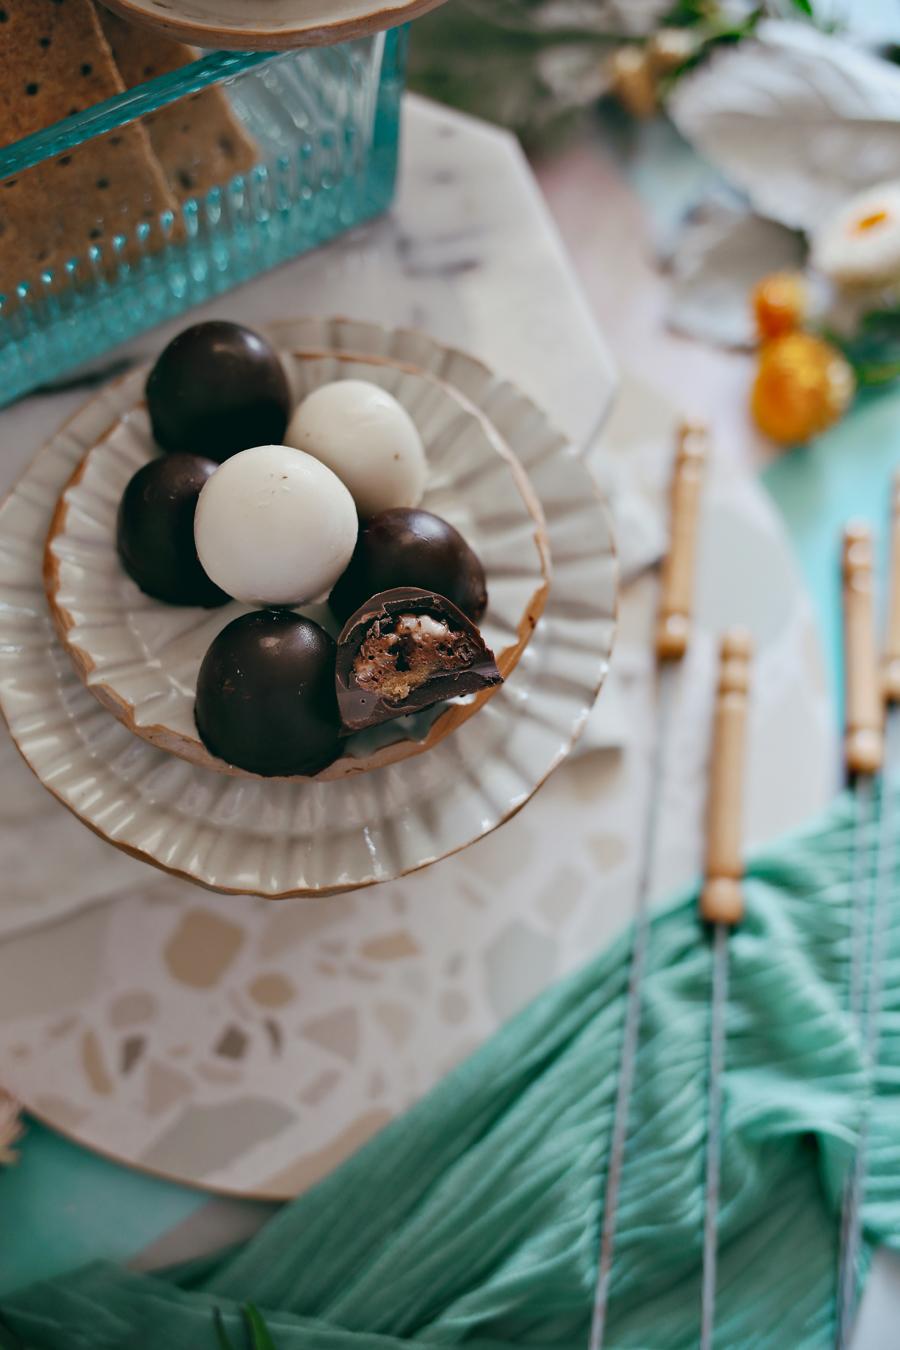 Smore-bonbon-Recipe-Dine-X-Design.jpg